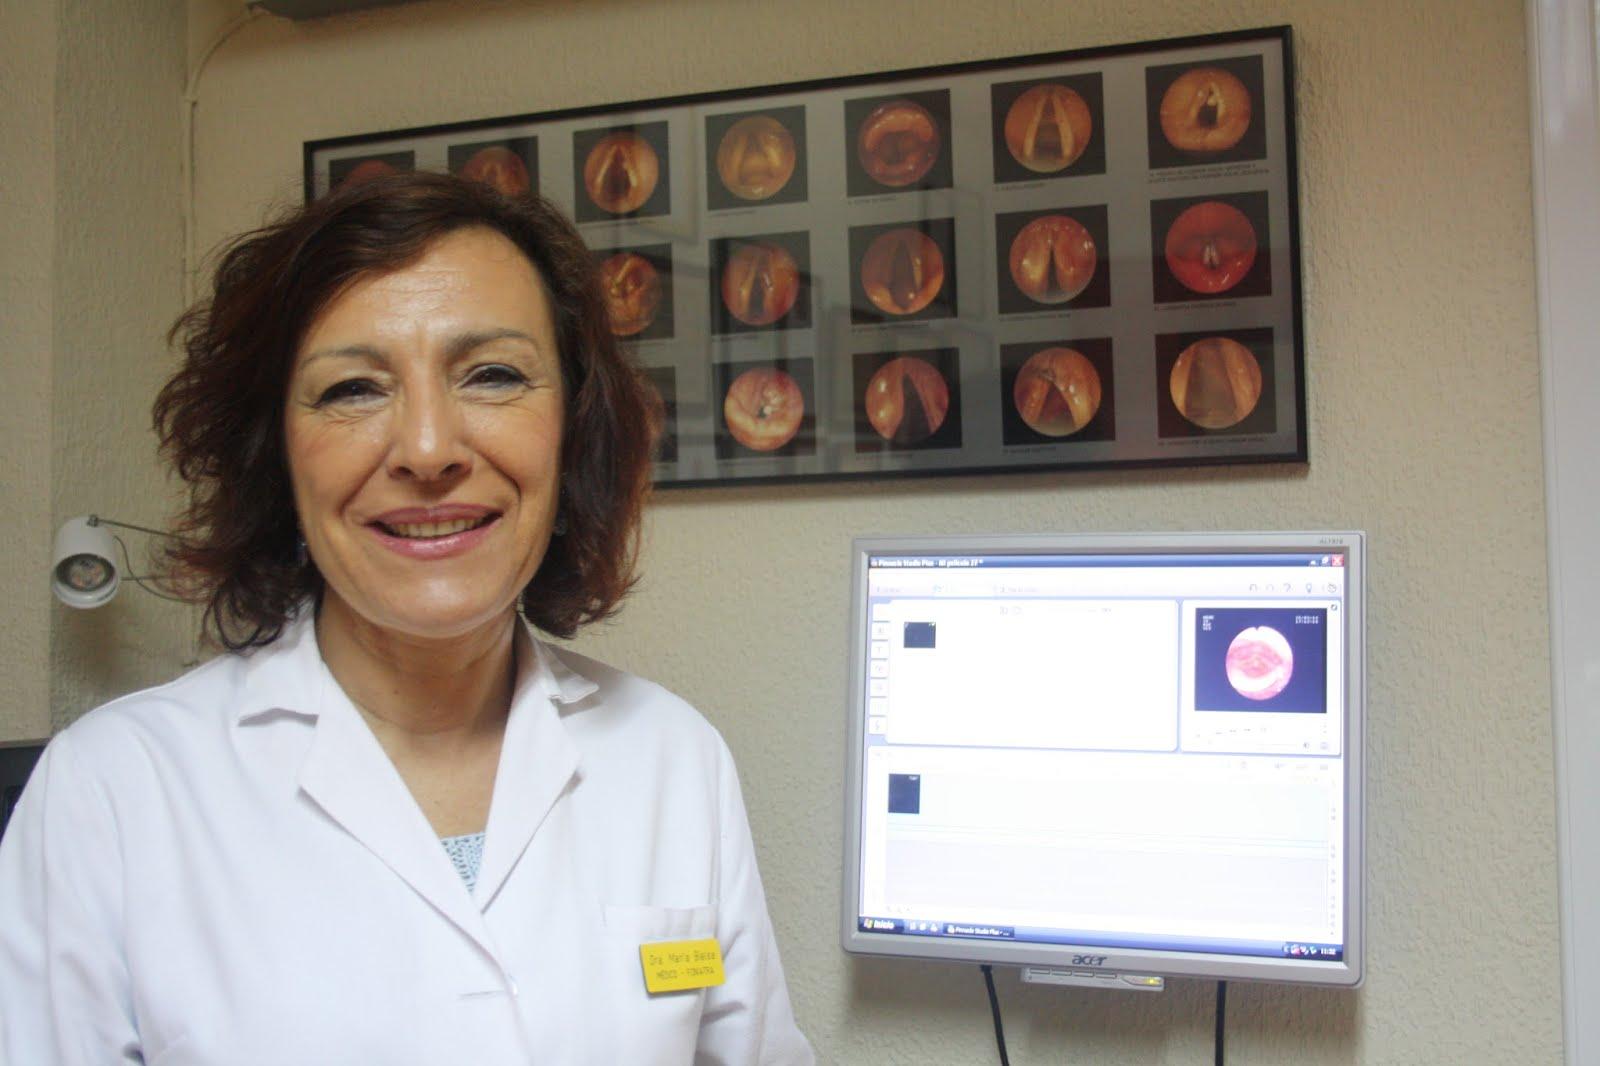 Dra. María Bielsa Médica Foniatra Centro Médico de Foniatría y Logopedia Talavera de la Reina